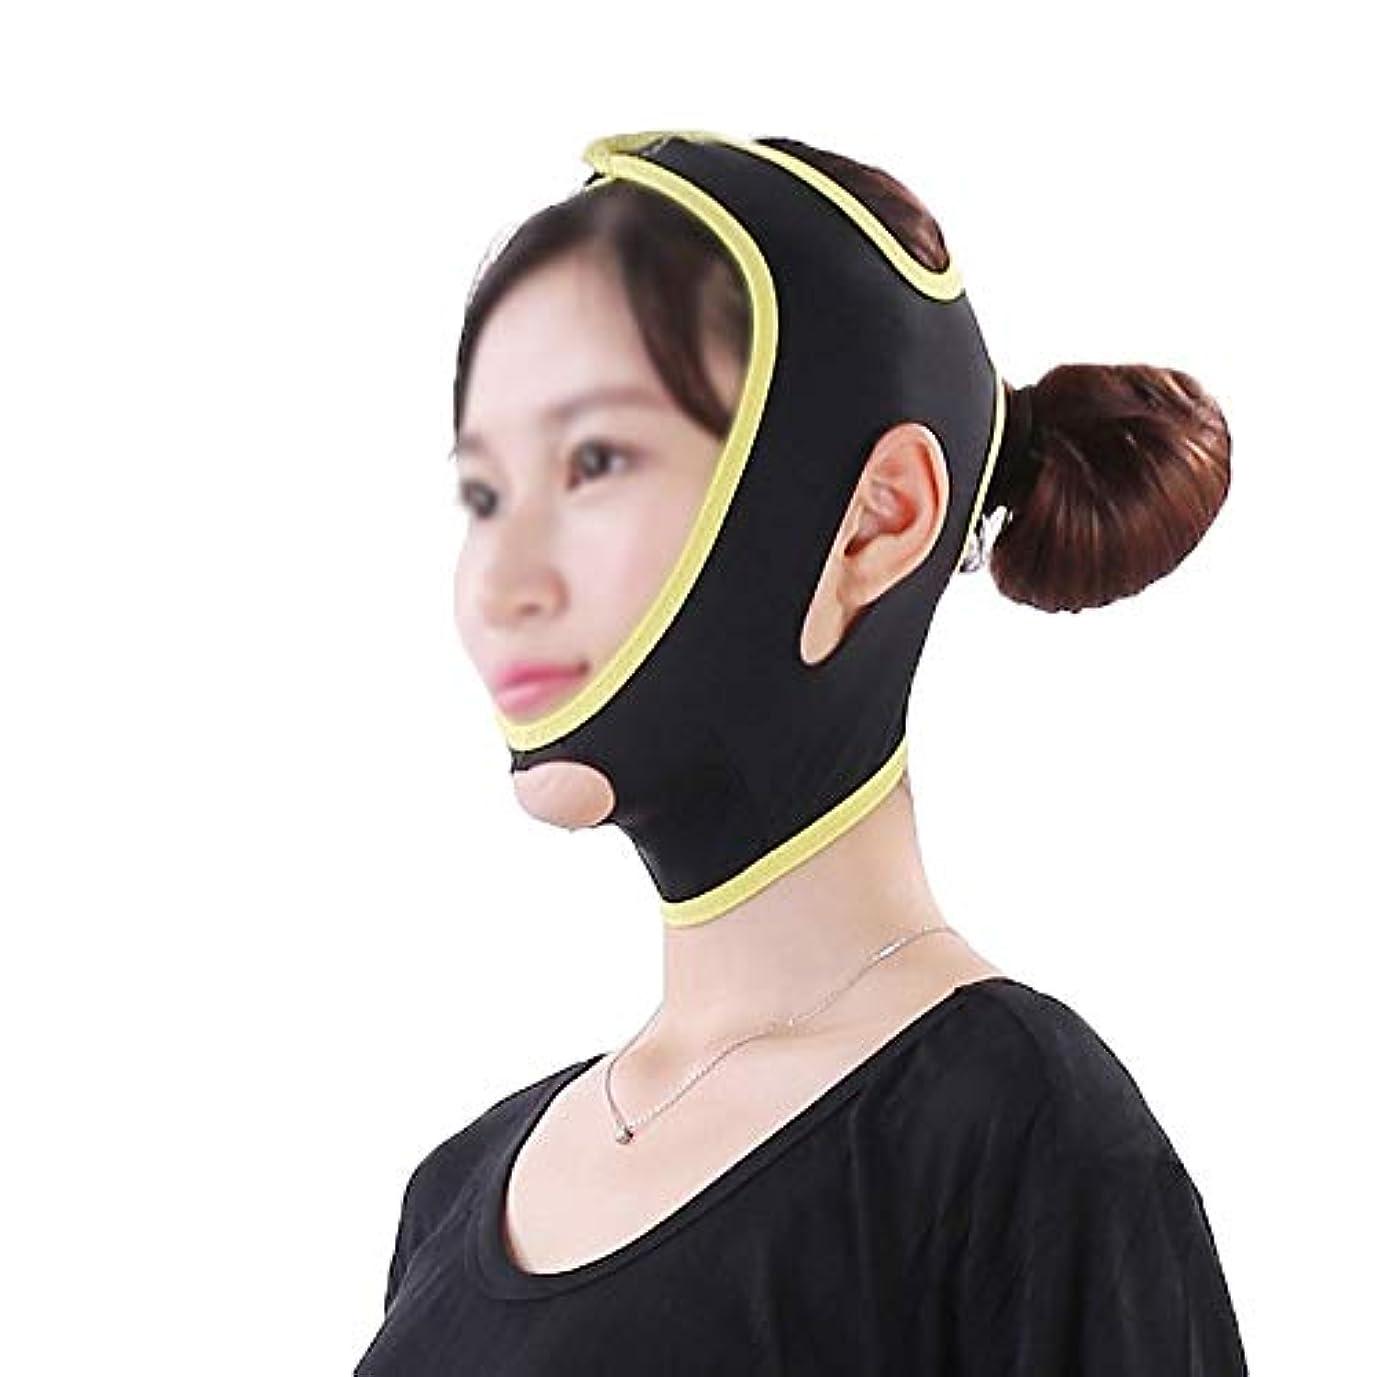 パック下るナイトスポットTLMY フェイス&ネックリフトシンフェイスマスクパワフルマスクフェイスリフトアーチファクトフェイスリフトフェイスツールシンフェイス包帯シンフェイスマスク美容マスク 顔用整形マスク (Size : L)